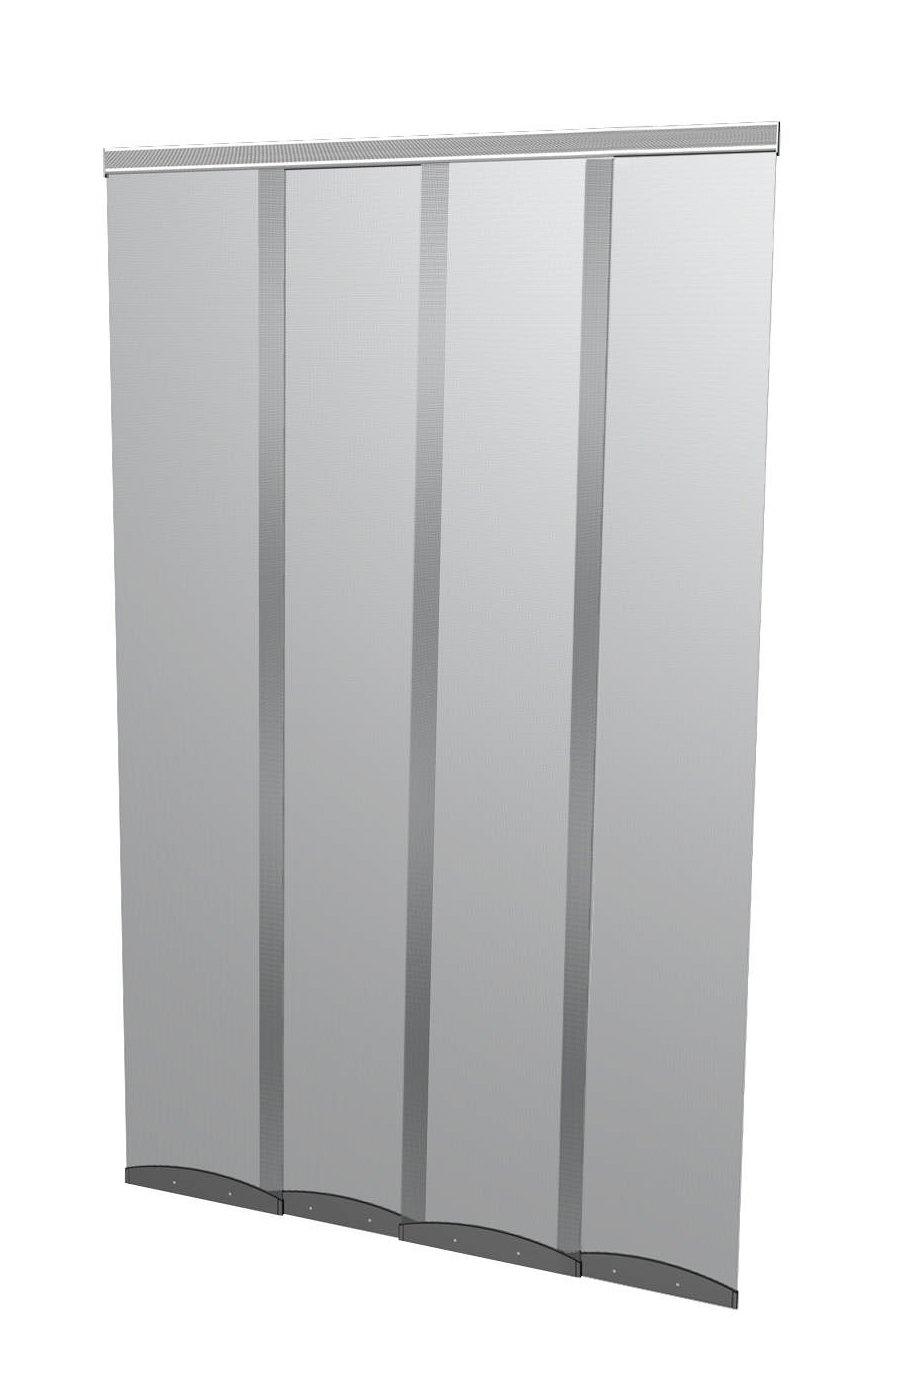 Windhager Moustiquaire Plus Rideau de porte Comfort 95 x 220 cm gris 03783